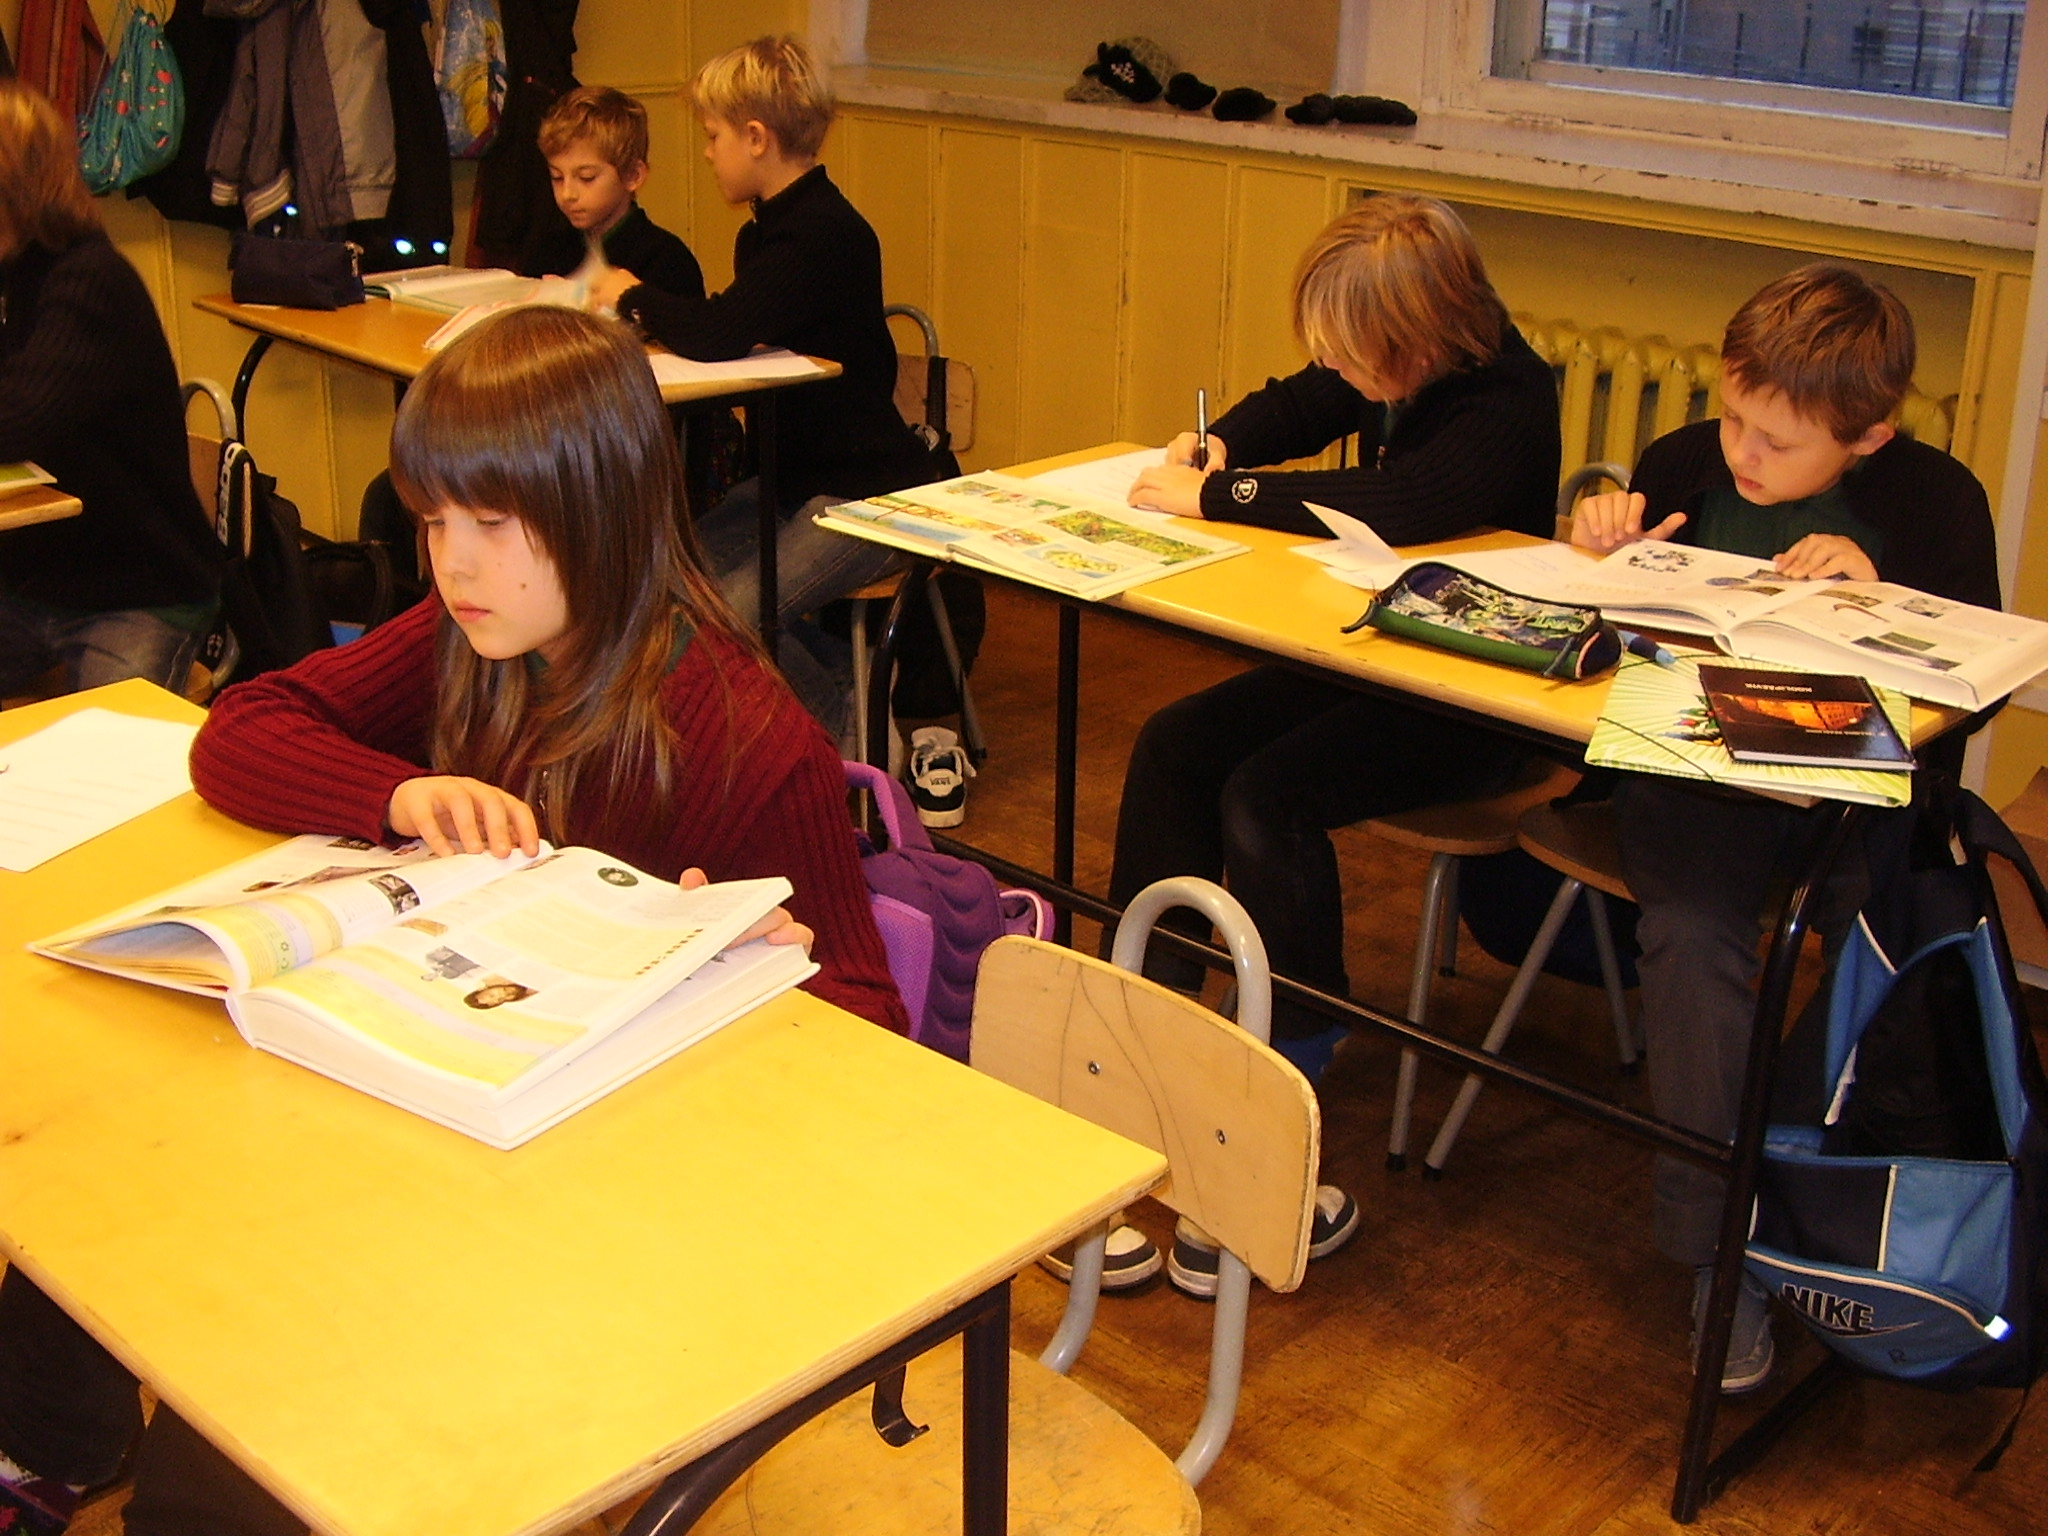 opioskused-klassiohtu-okt2009-0041